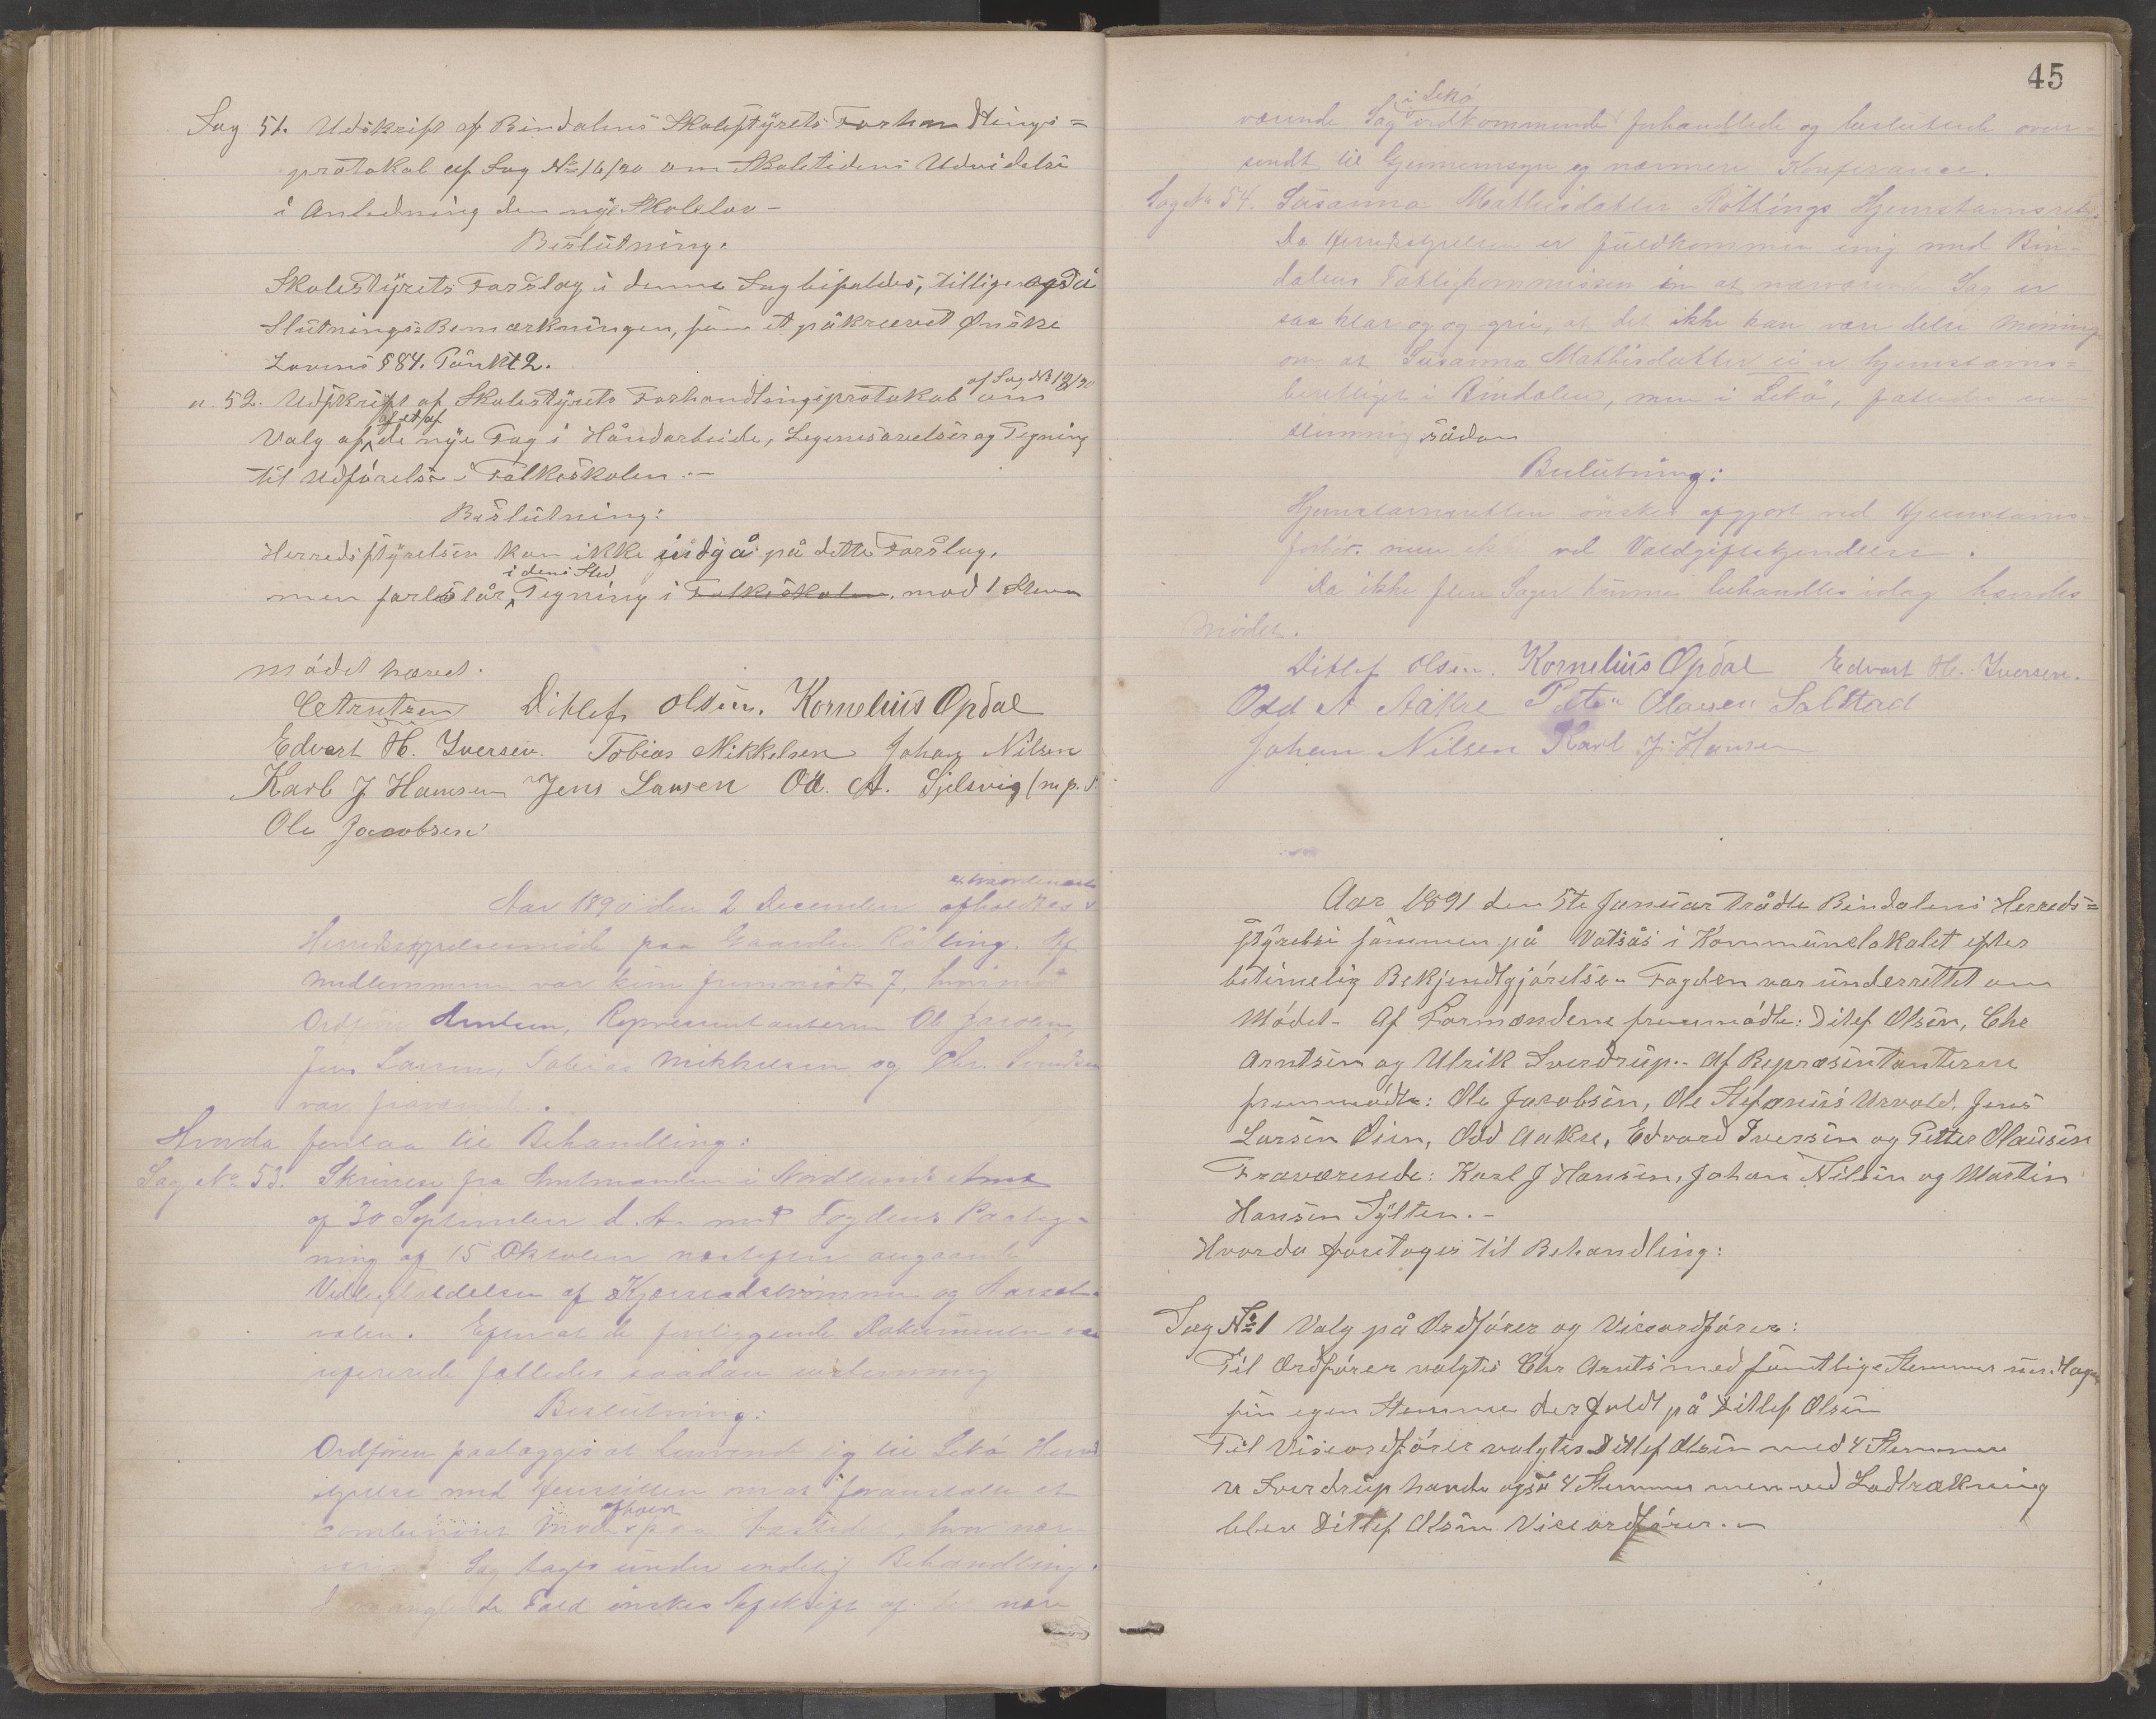 AIN, Bindal kommune. Formannskapet, A/Aa/L0000c: Møtebok, 1885-1897, s. 45